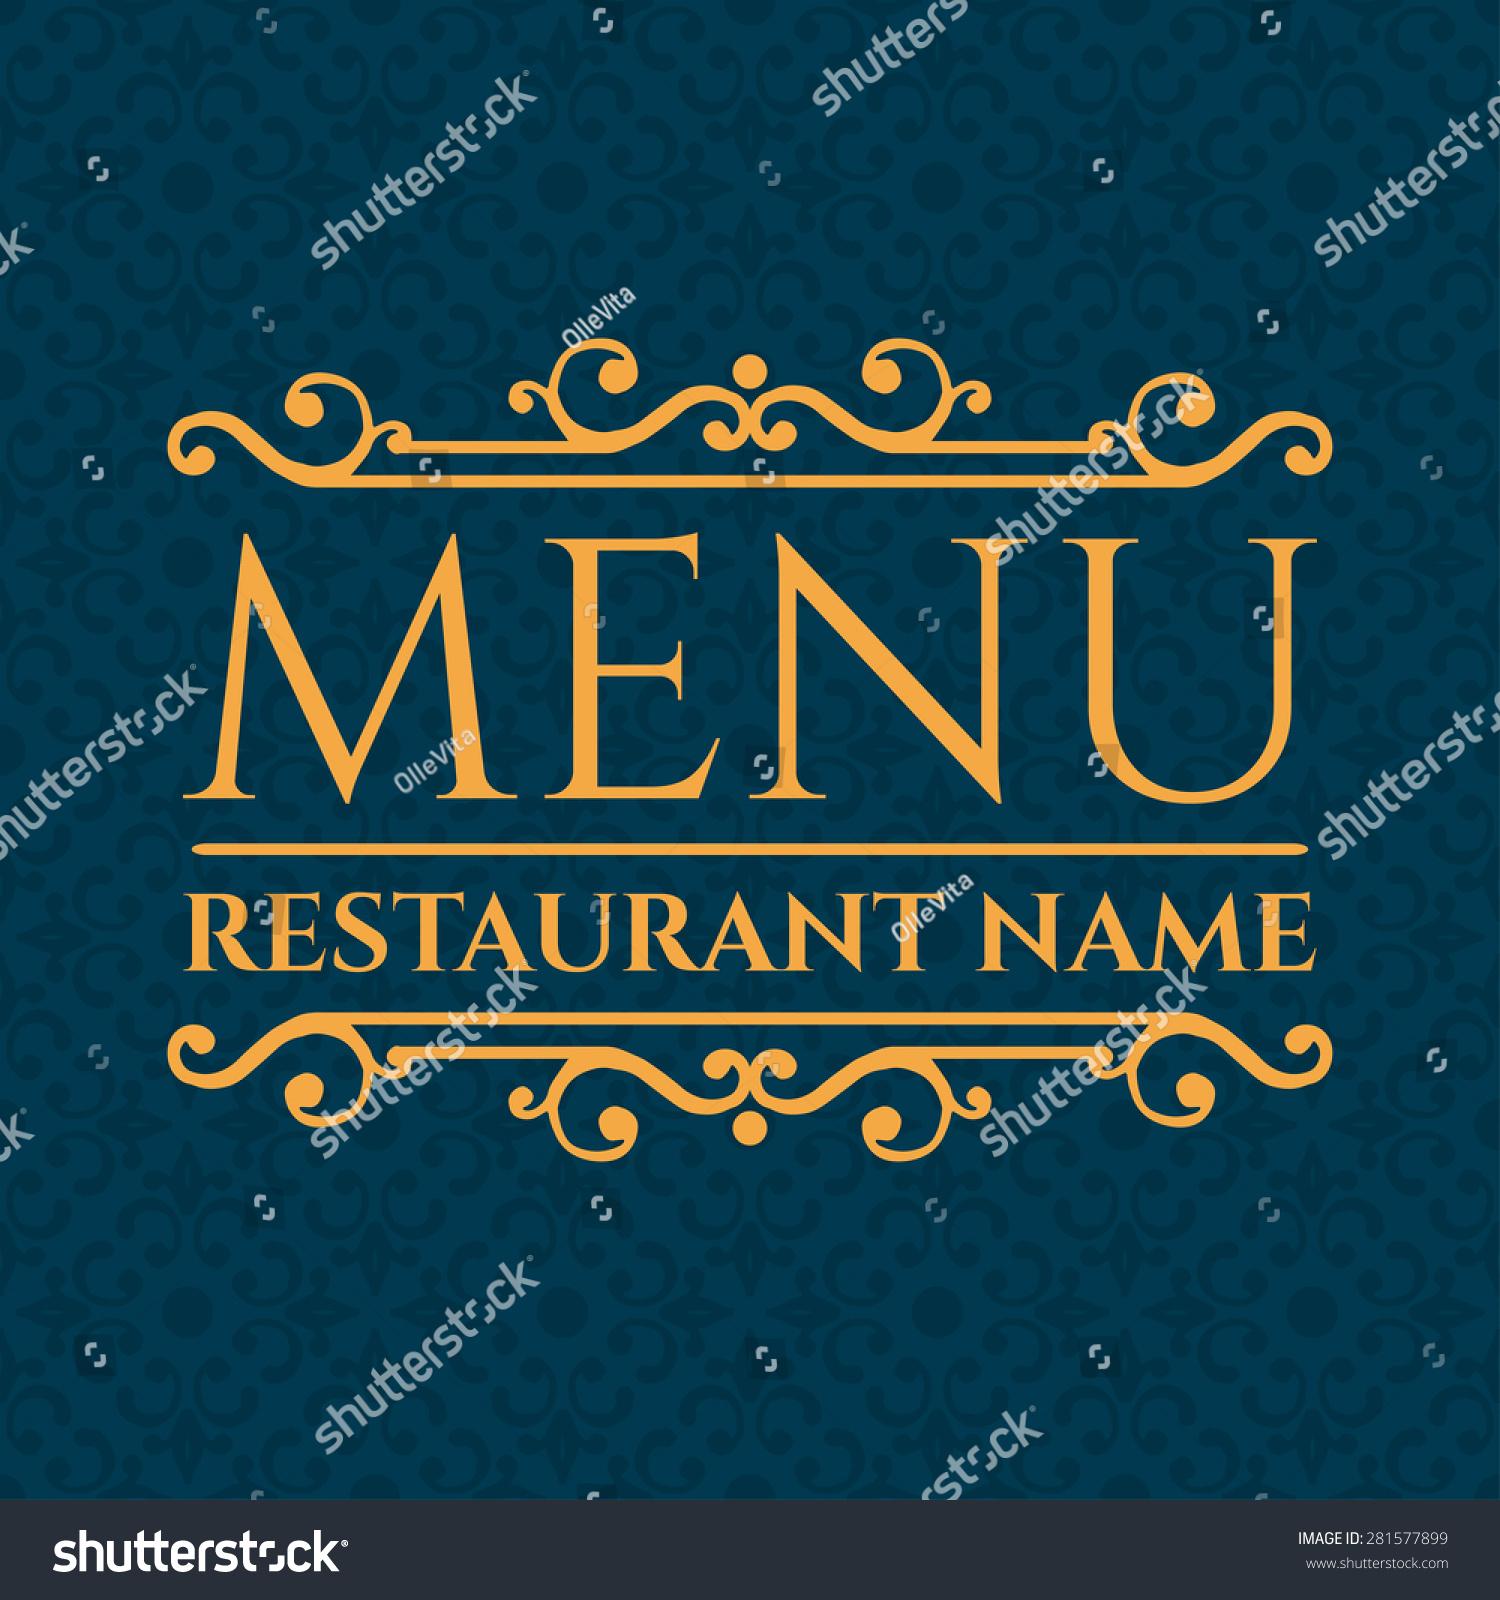 Vector De Stock Libre De Regalias Sobre Elegant Restaurant Menu Design Vector Illustration281577899